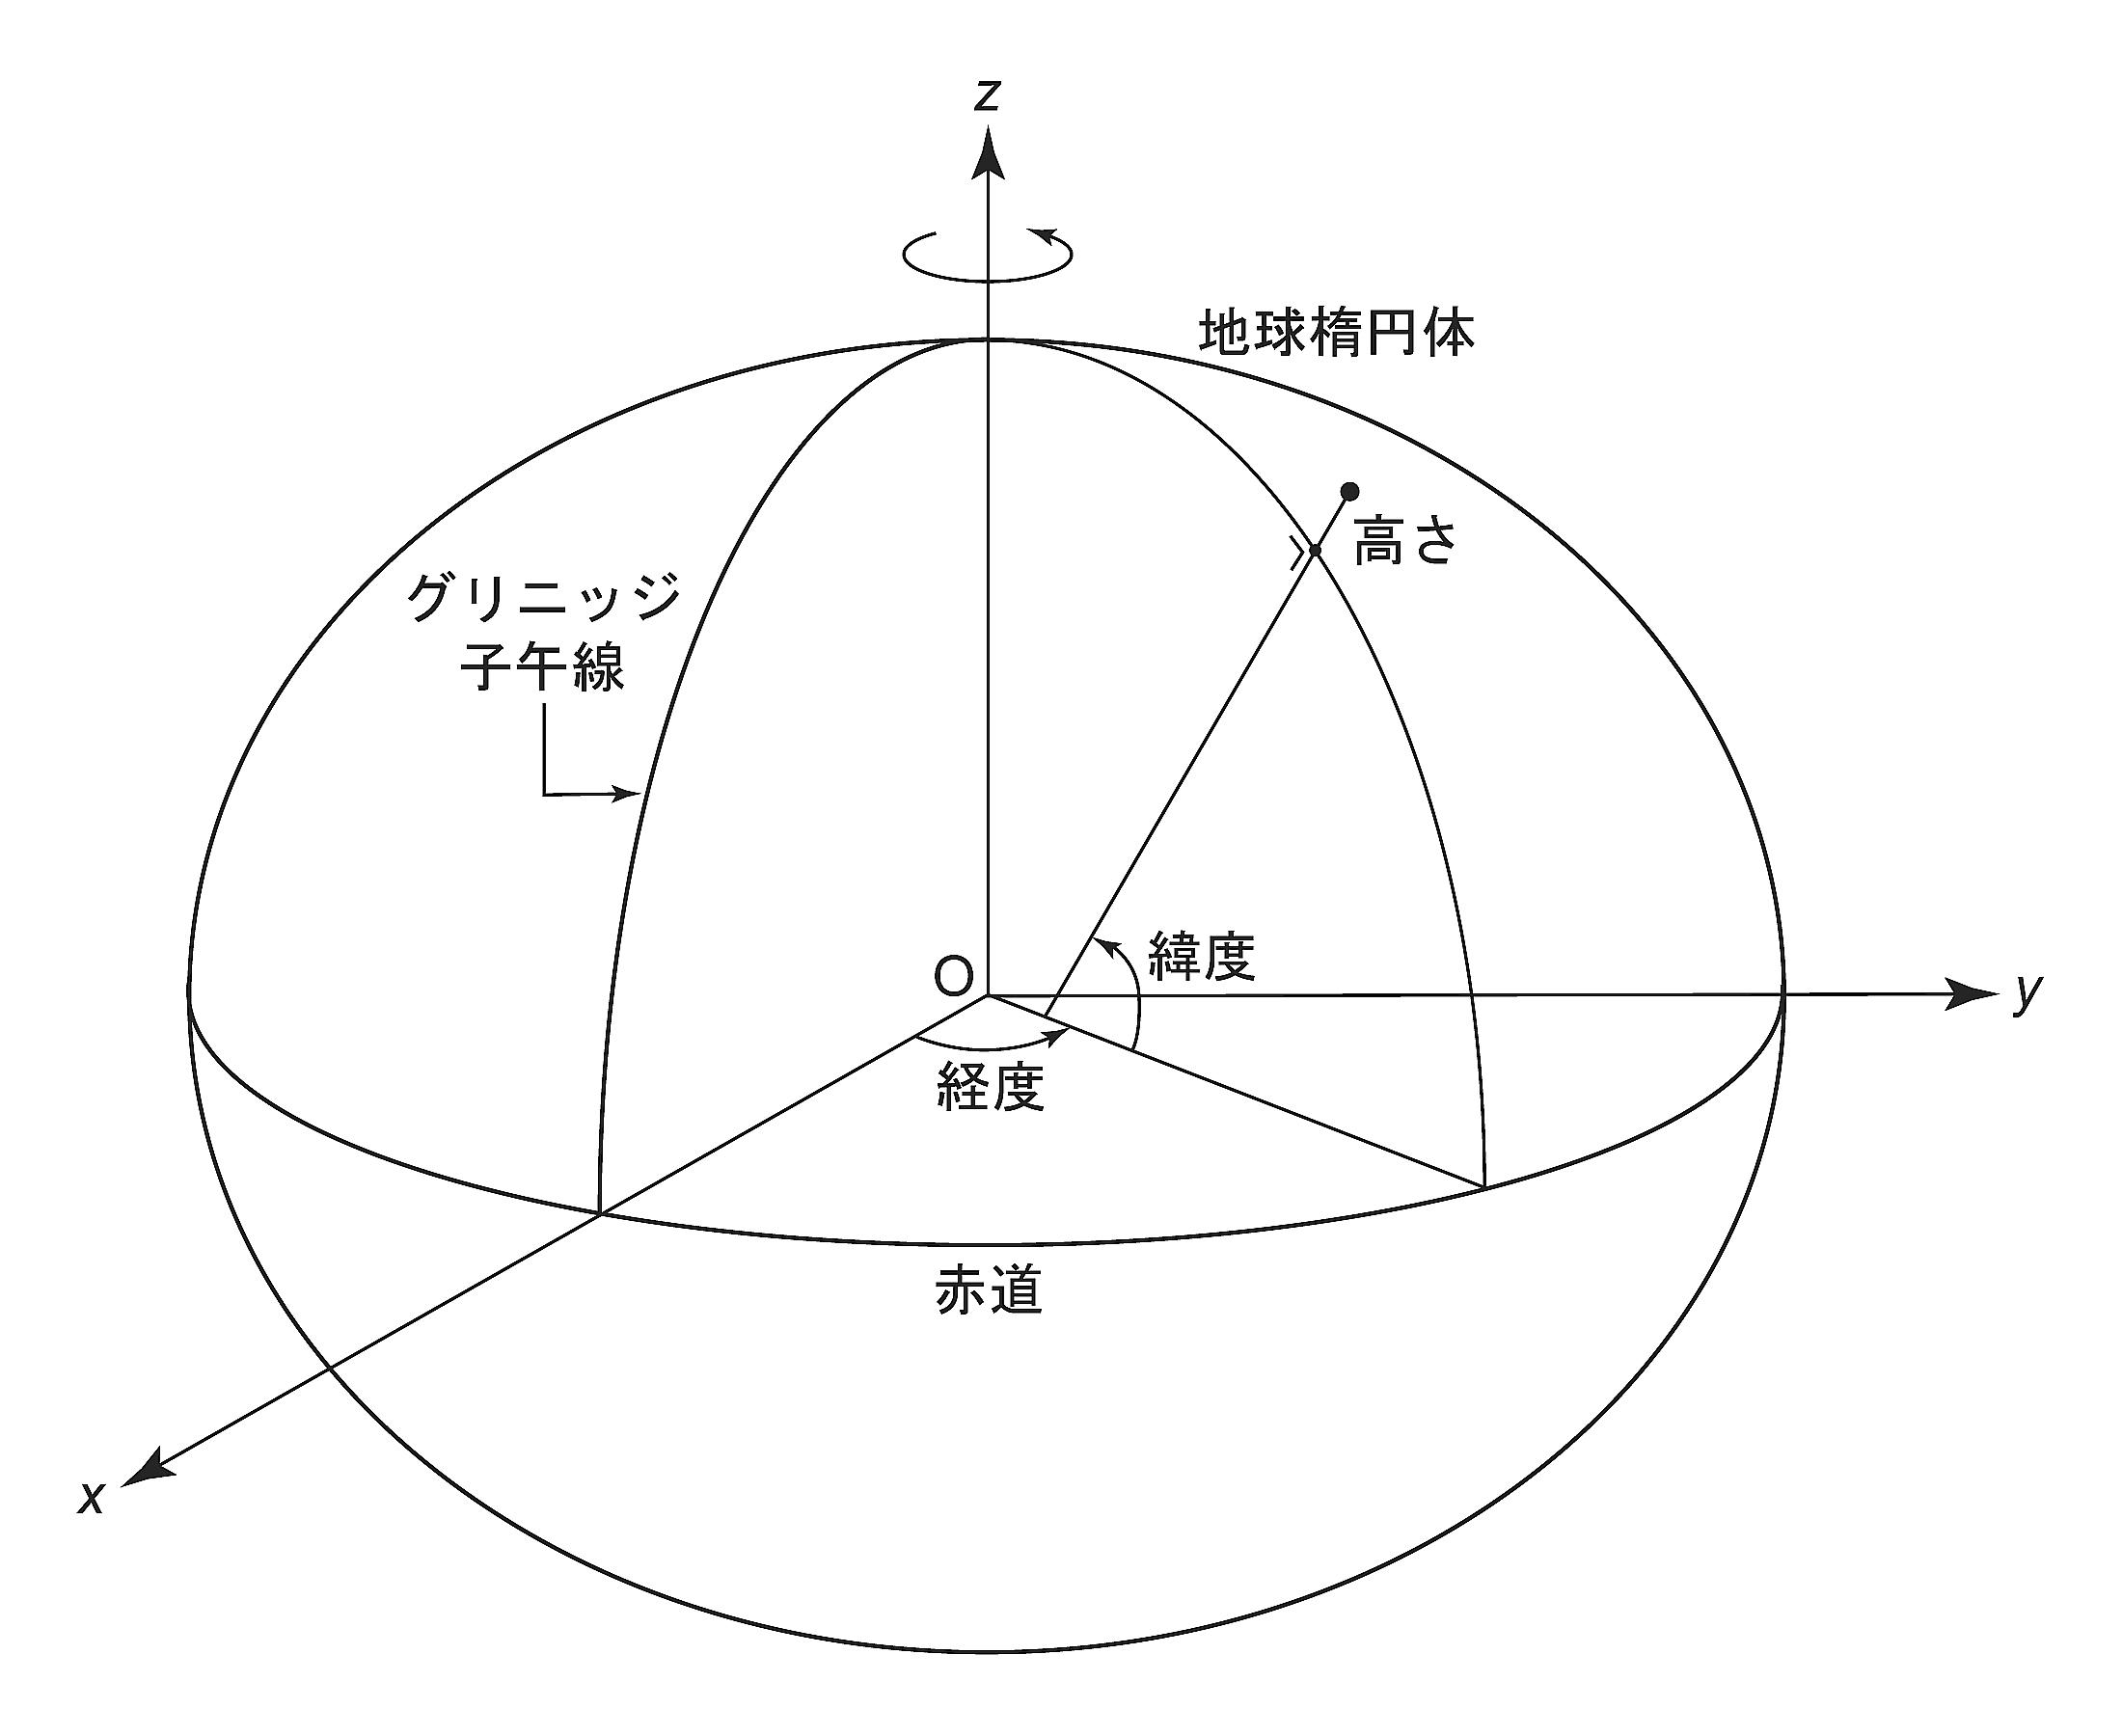 作図の基本 基本投影図 三面図